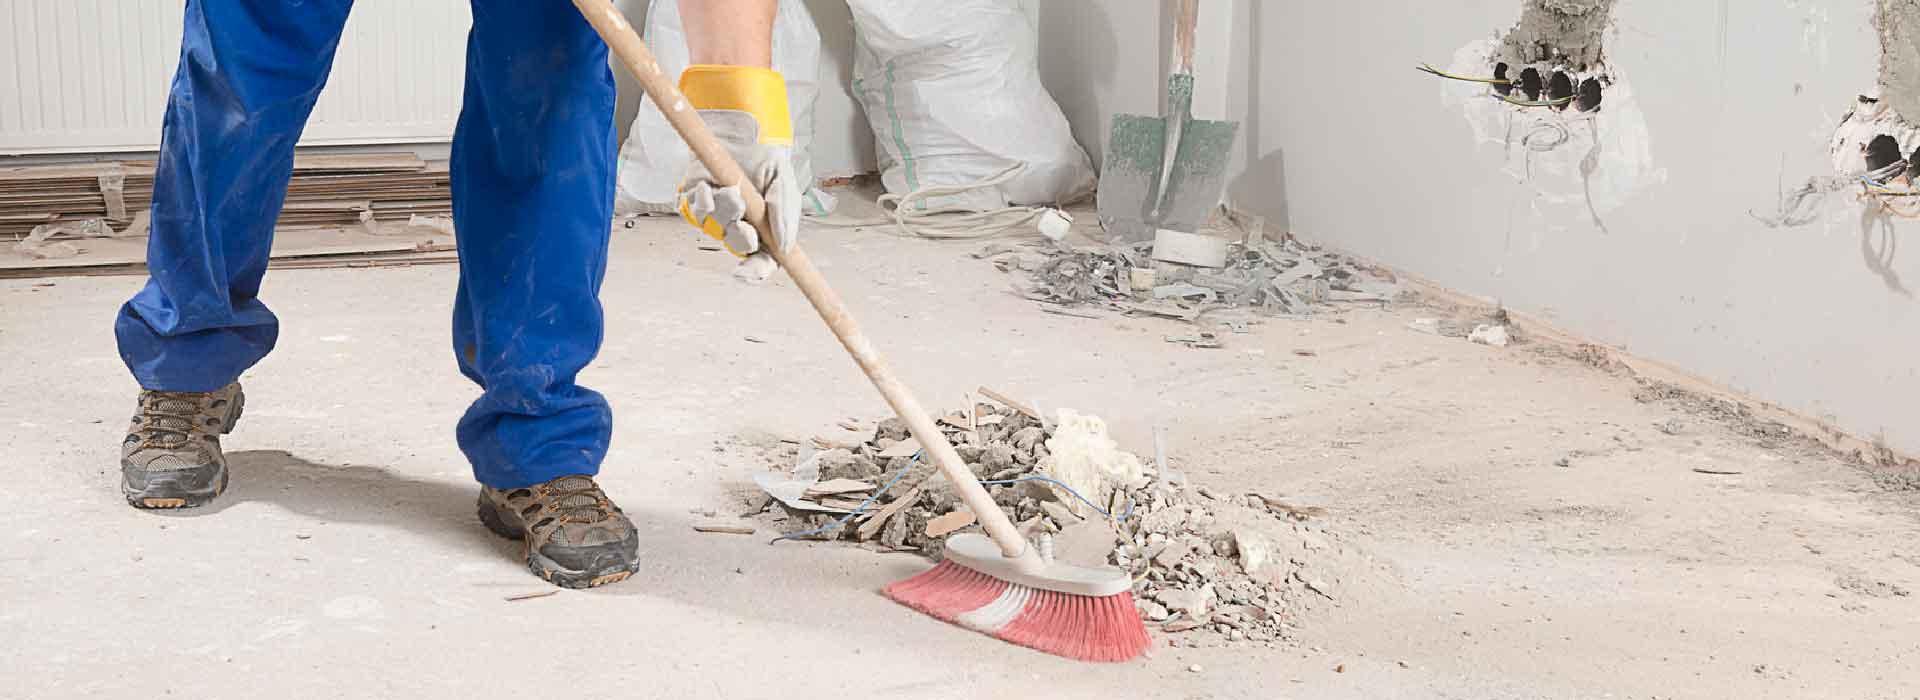 уборка после строительства и ремонта